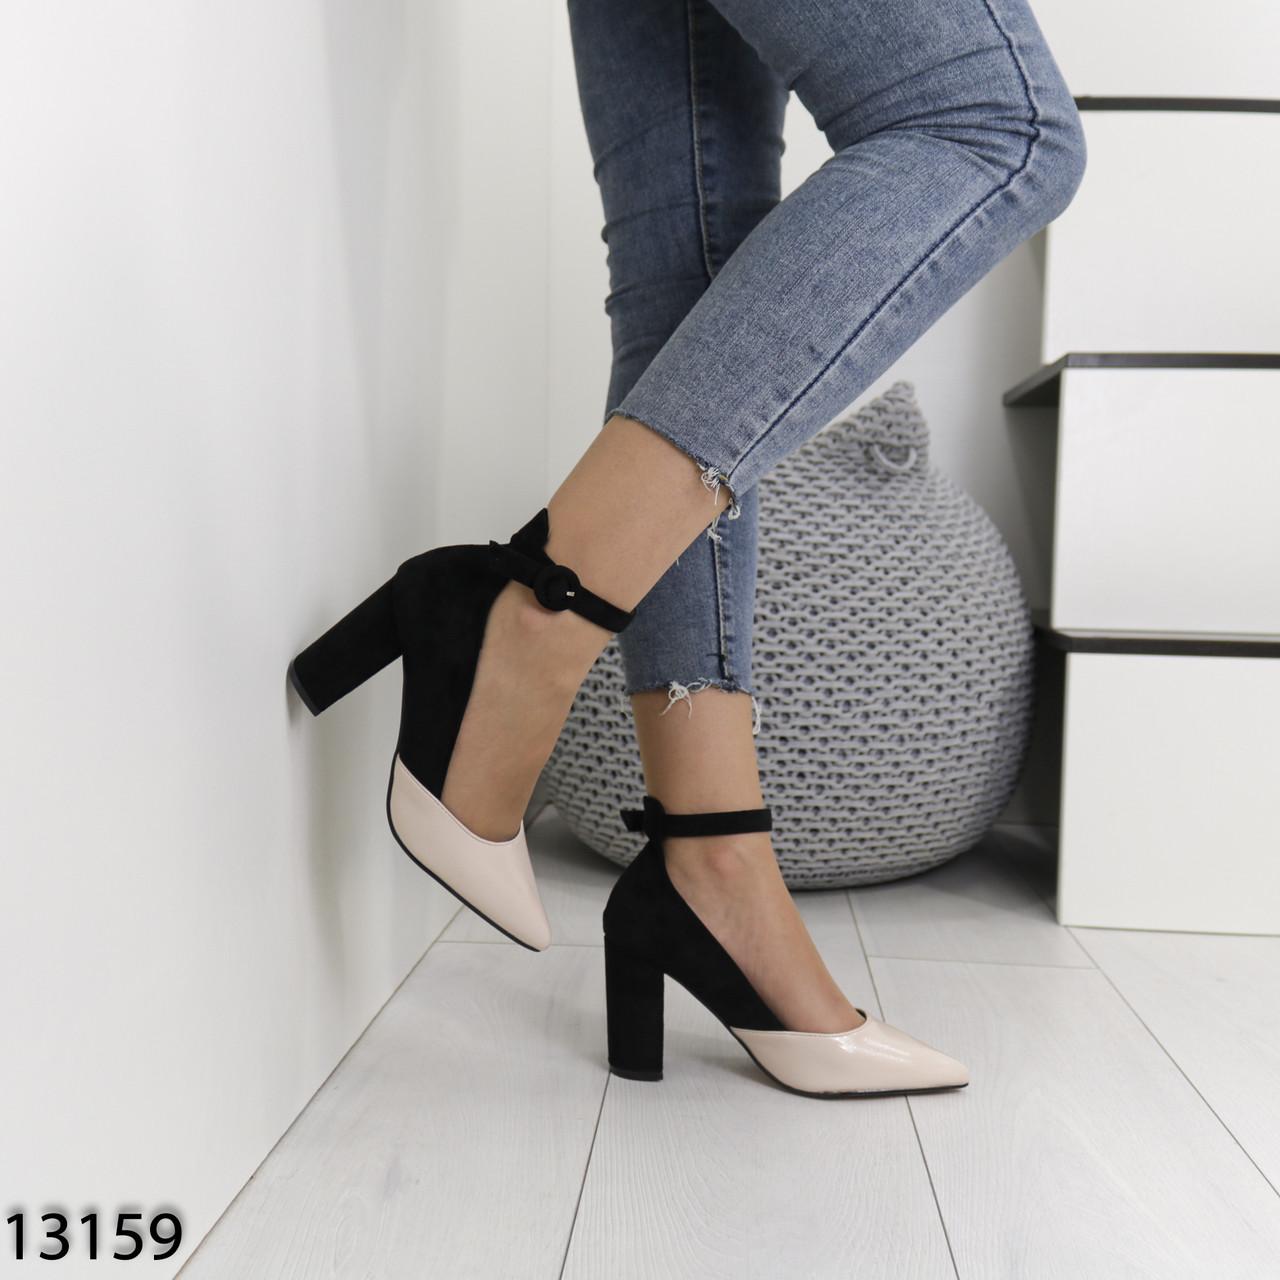 Женские туфли на каблуках черные с бежевым